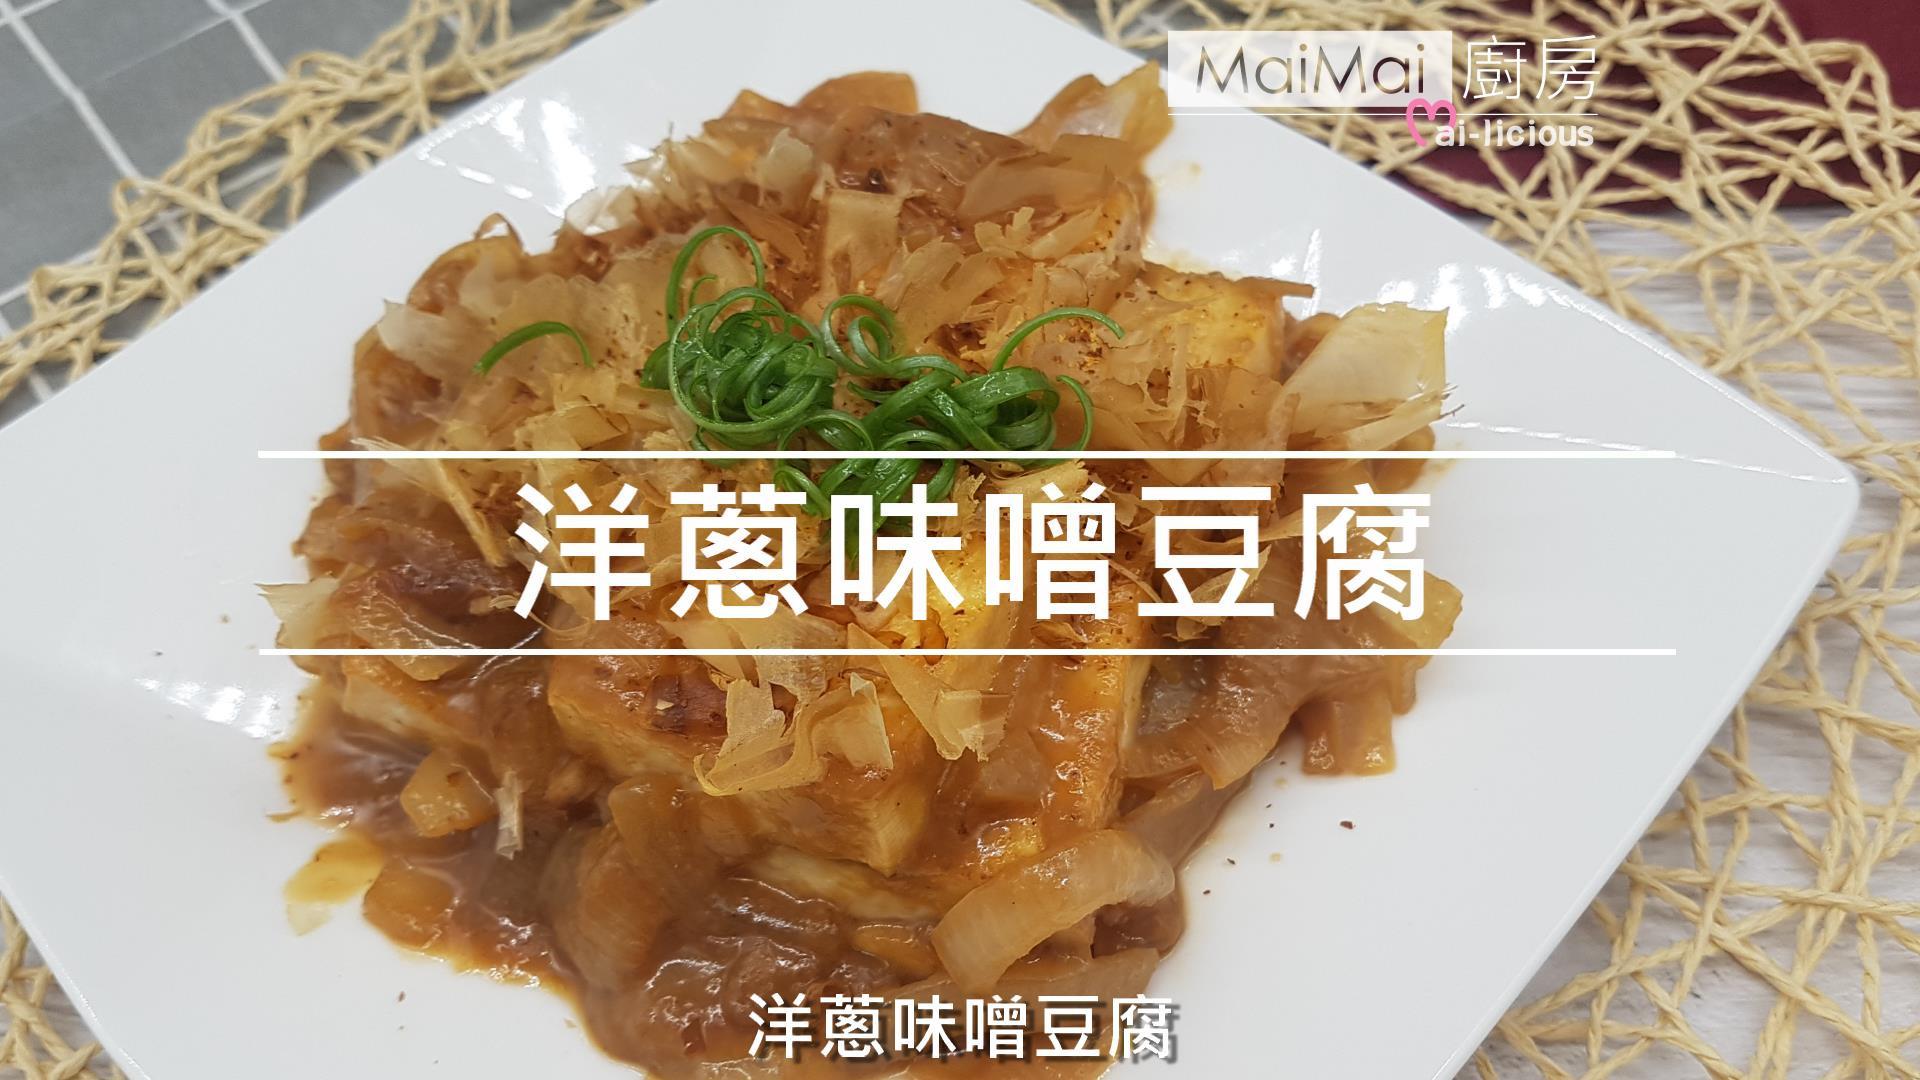 【MaiMai廚房】洋蔥味噌豆腐